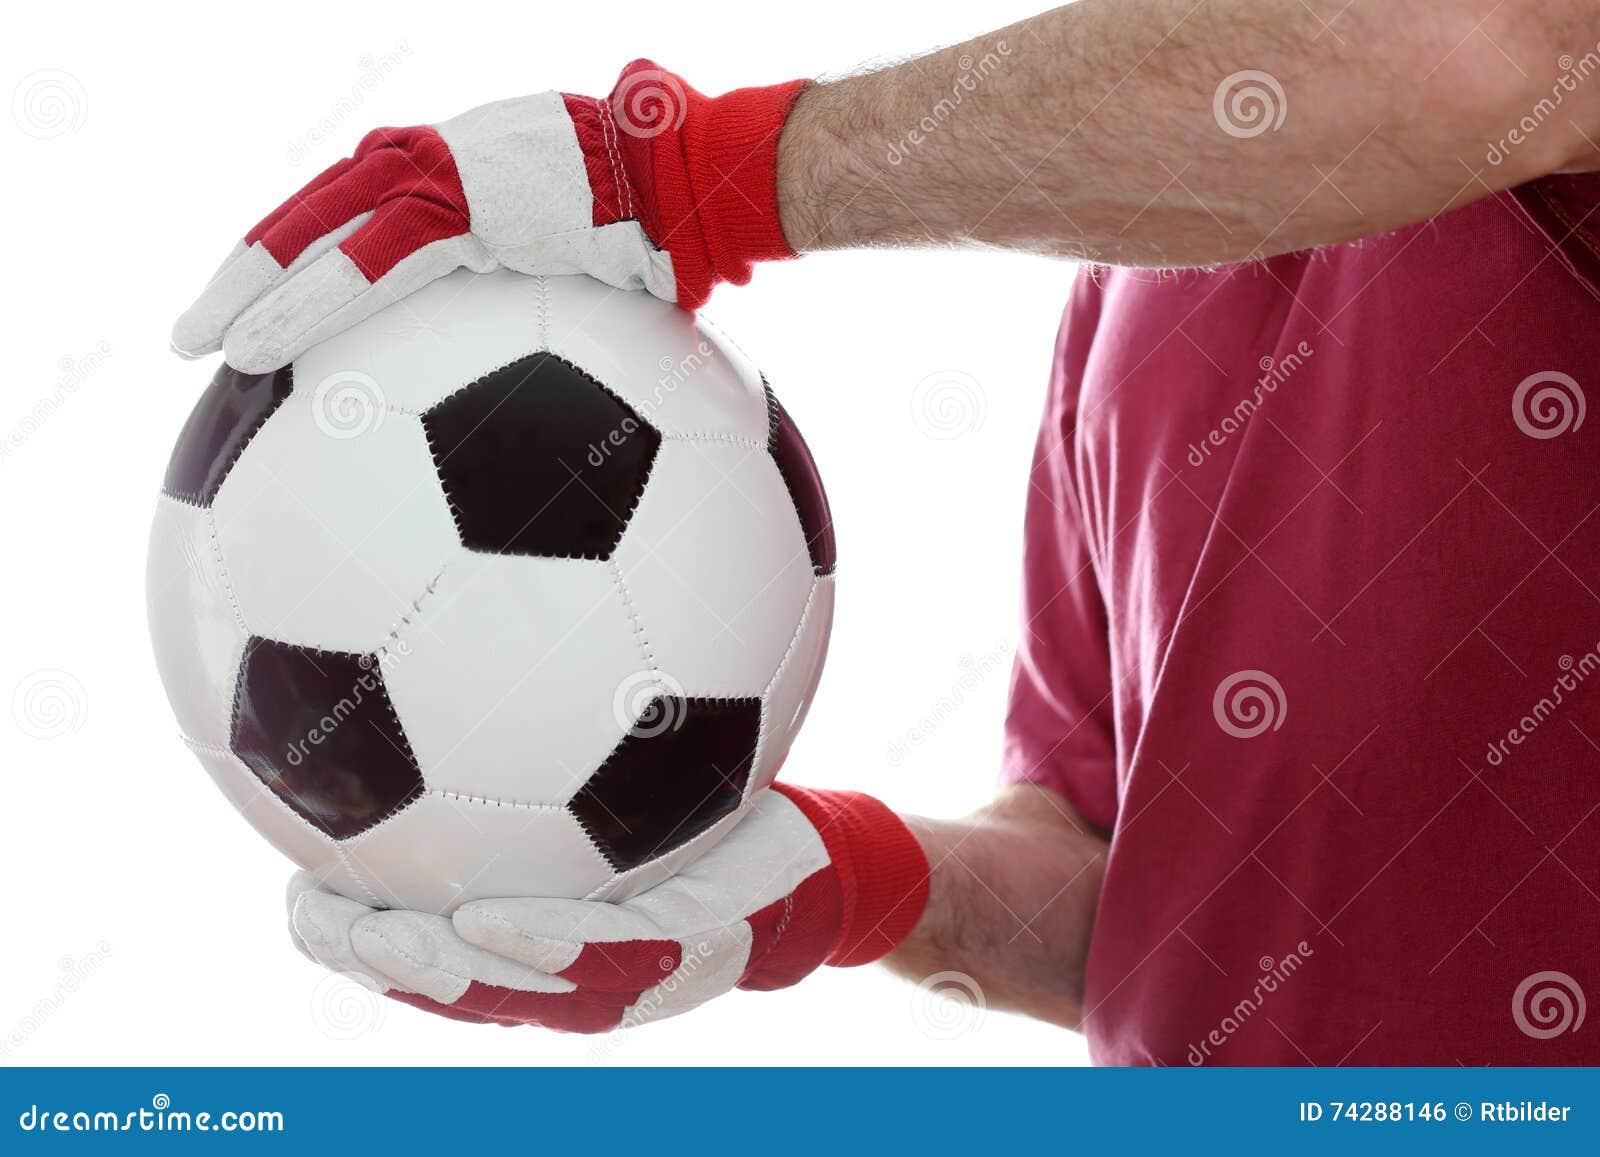 Capture d une boule en cuir